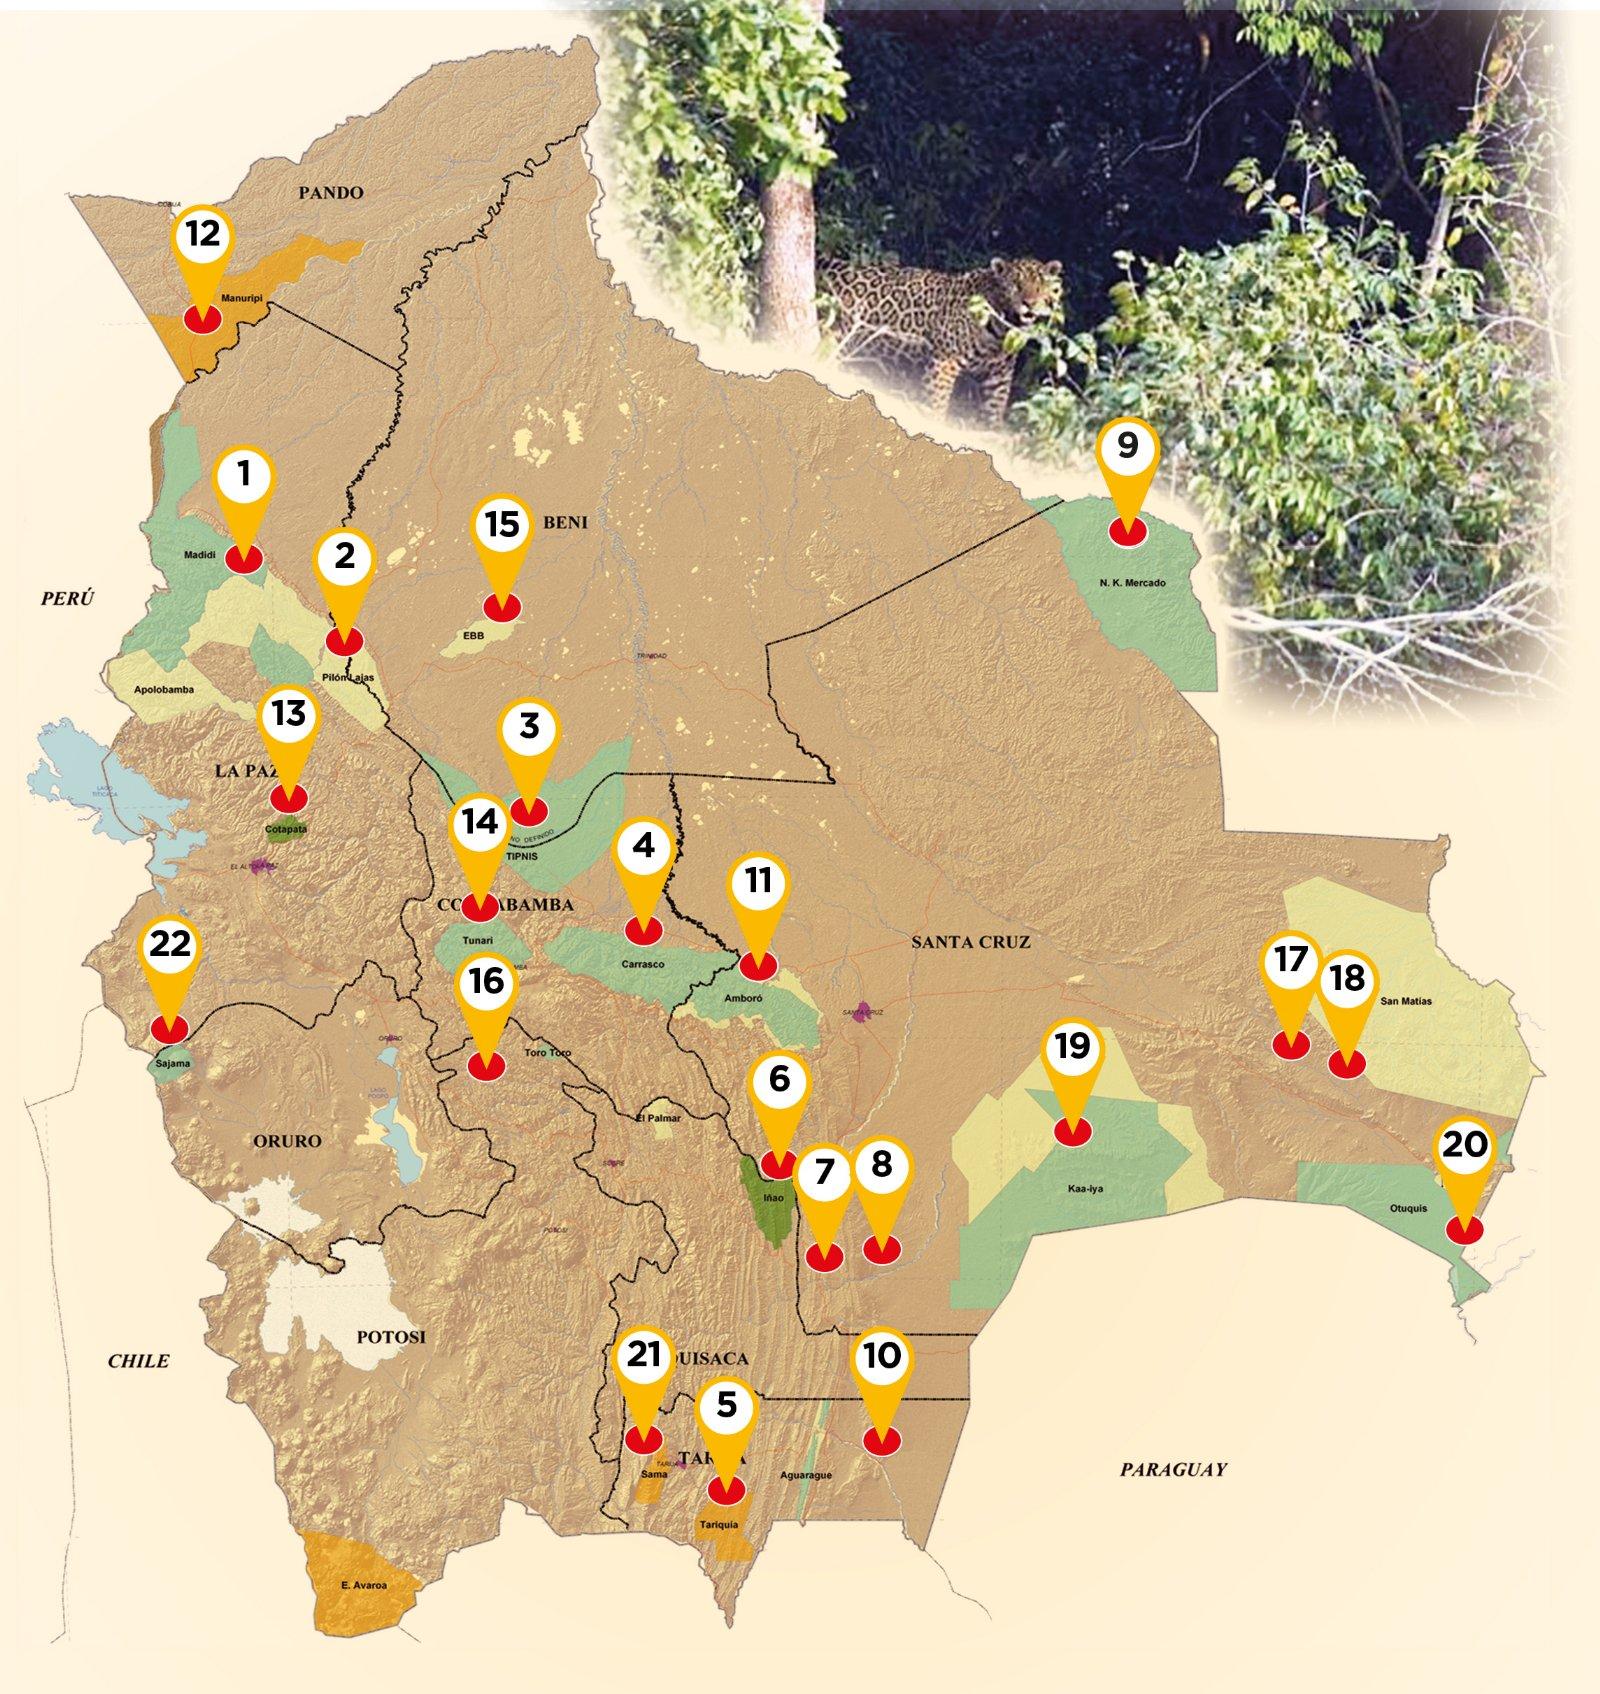 """Desde impacto de megaobras hasta avasallamientos amenazan a las áreas """"protegidas"""" Bolivia cuenta con 22 parques nacionales ricos en biodiversidad y recursos naturales, cuya intangibilidad está en riesgo por diversas causas, advierten biólogos, activistas y la Asamblea de DDHH."""